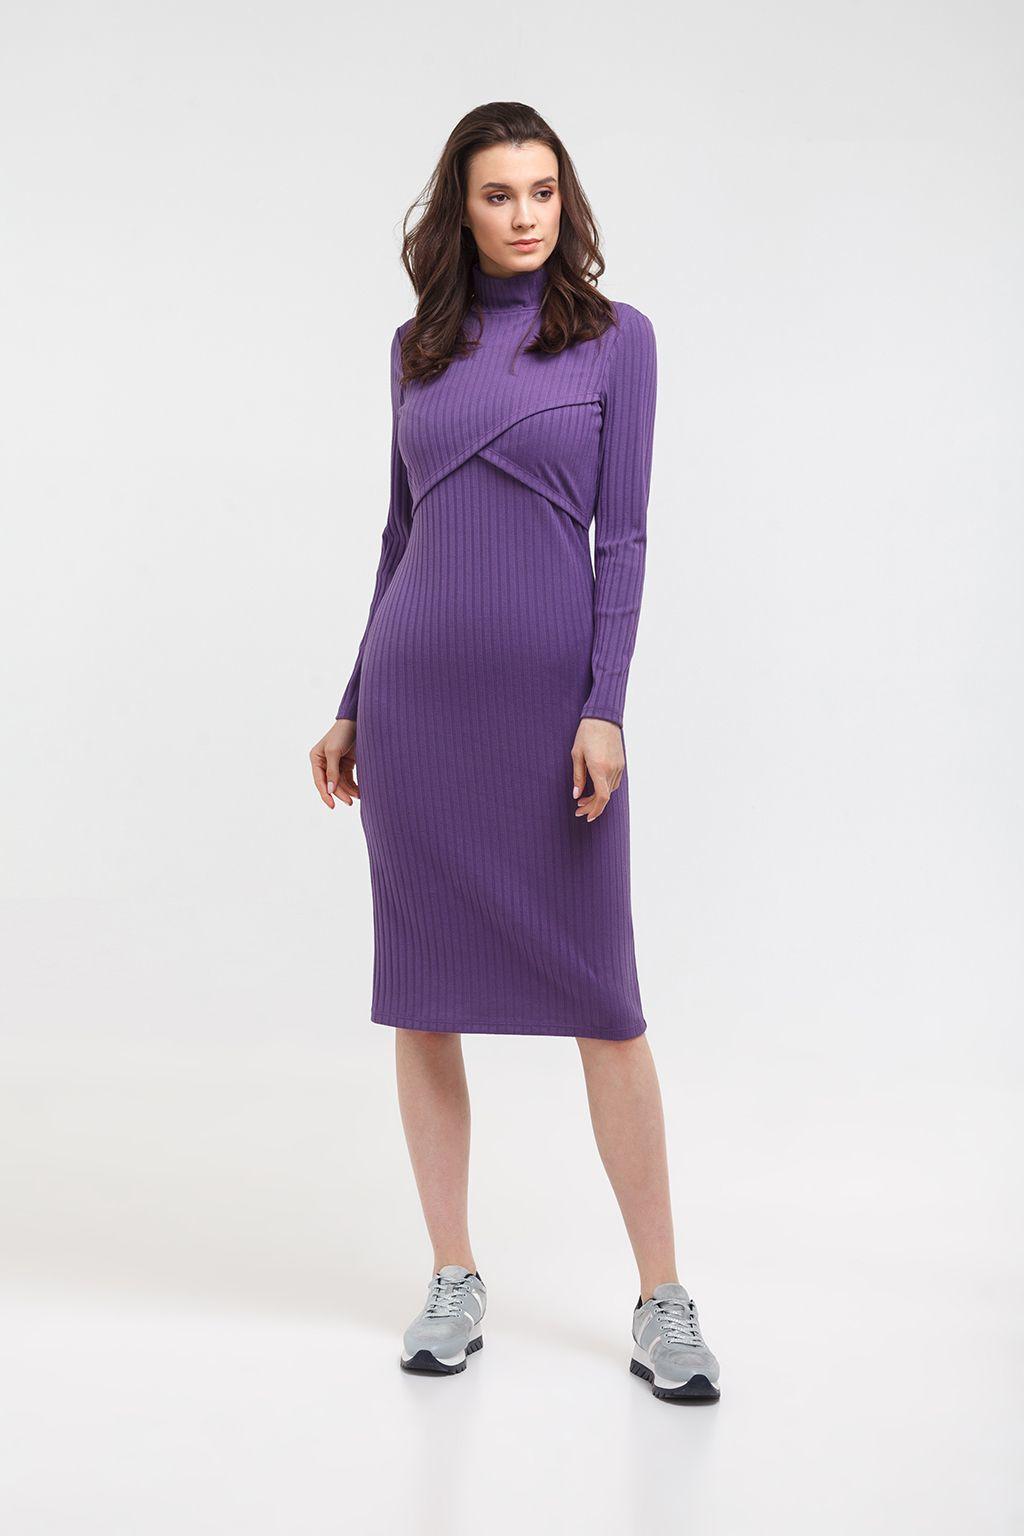 Платье-водолазка для будущих и кормящих мам - Фото 1